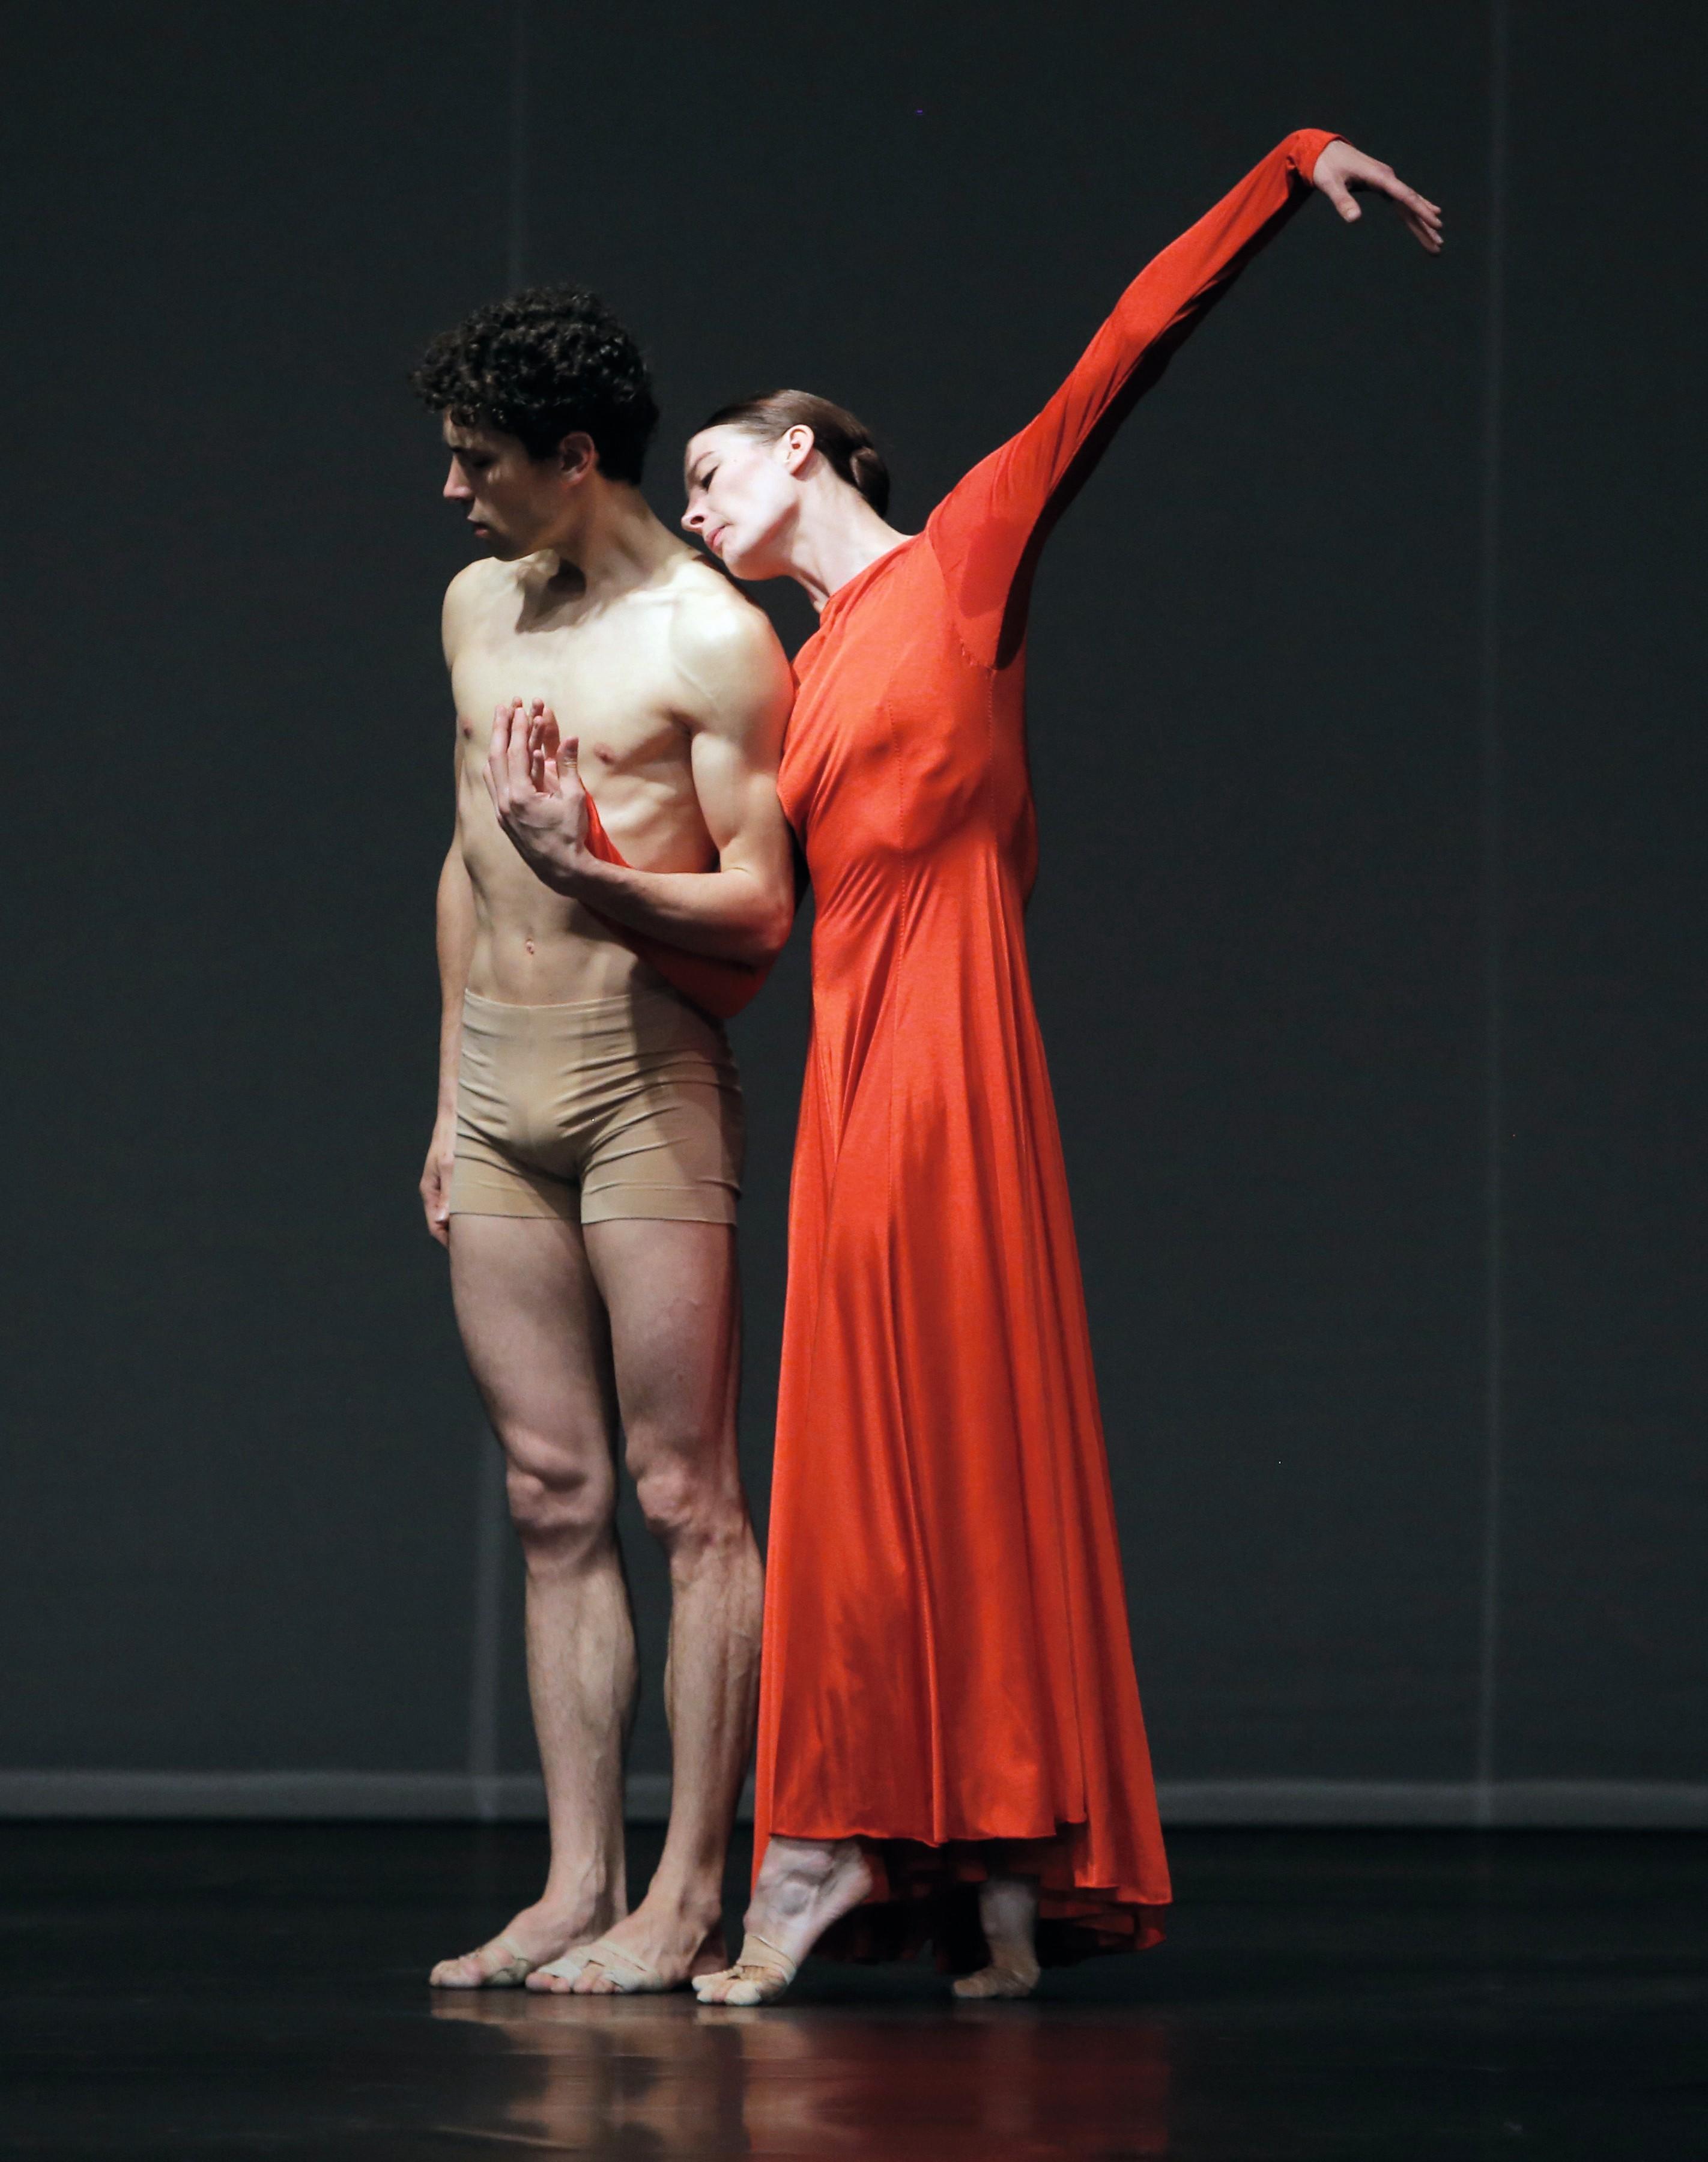 Pina Bausch, Orphée et Eurydice, avec Marie-Agnès Gillot et Stéphane Bullion, 2012, Opéra de Paris, photographies de Patrick Berger.